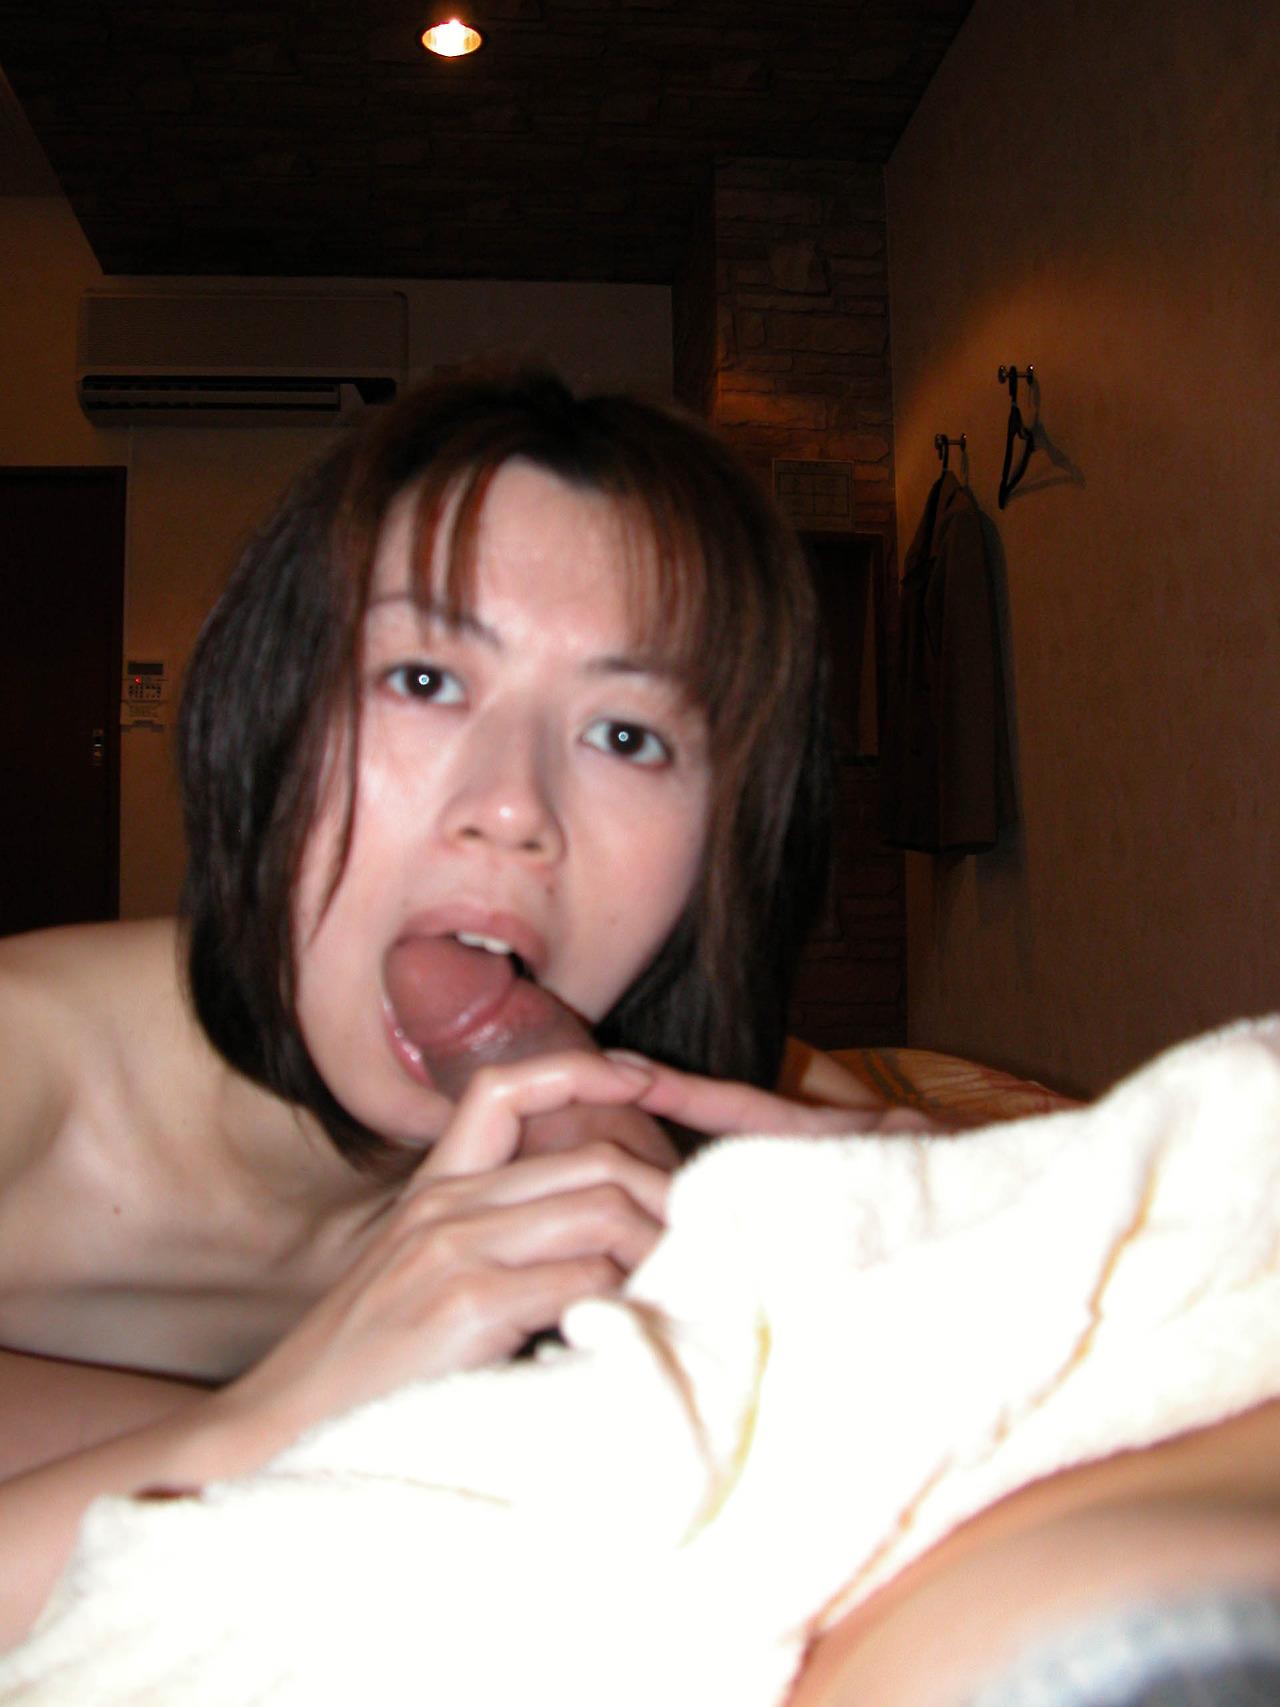 多田多佳子 肉便器 tumblr